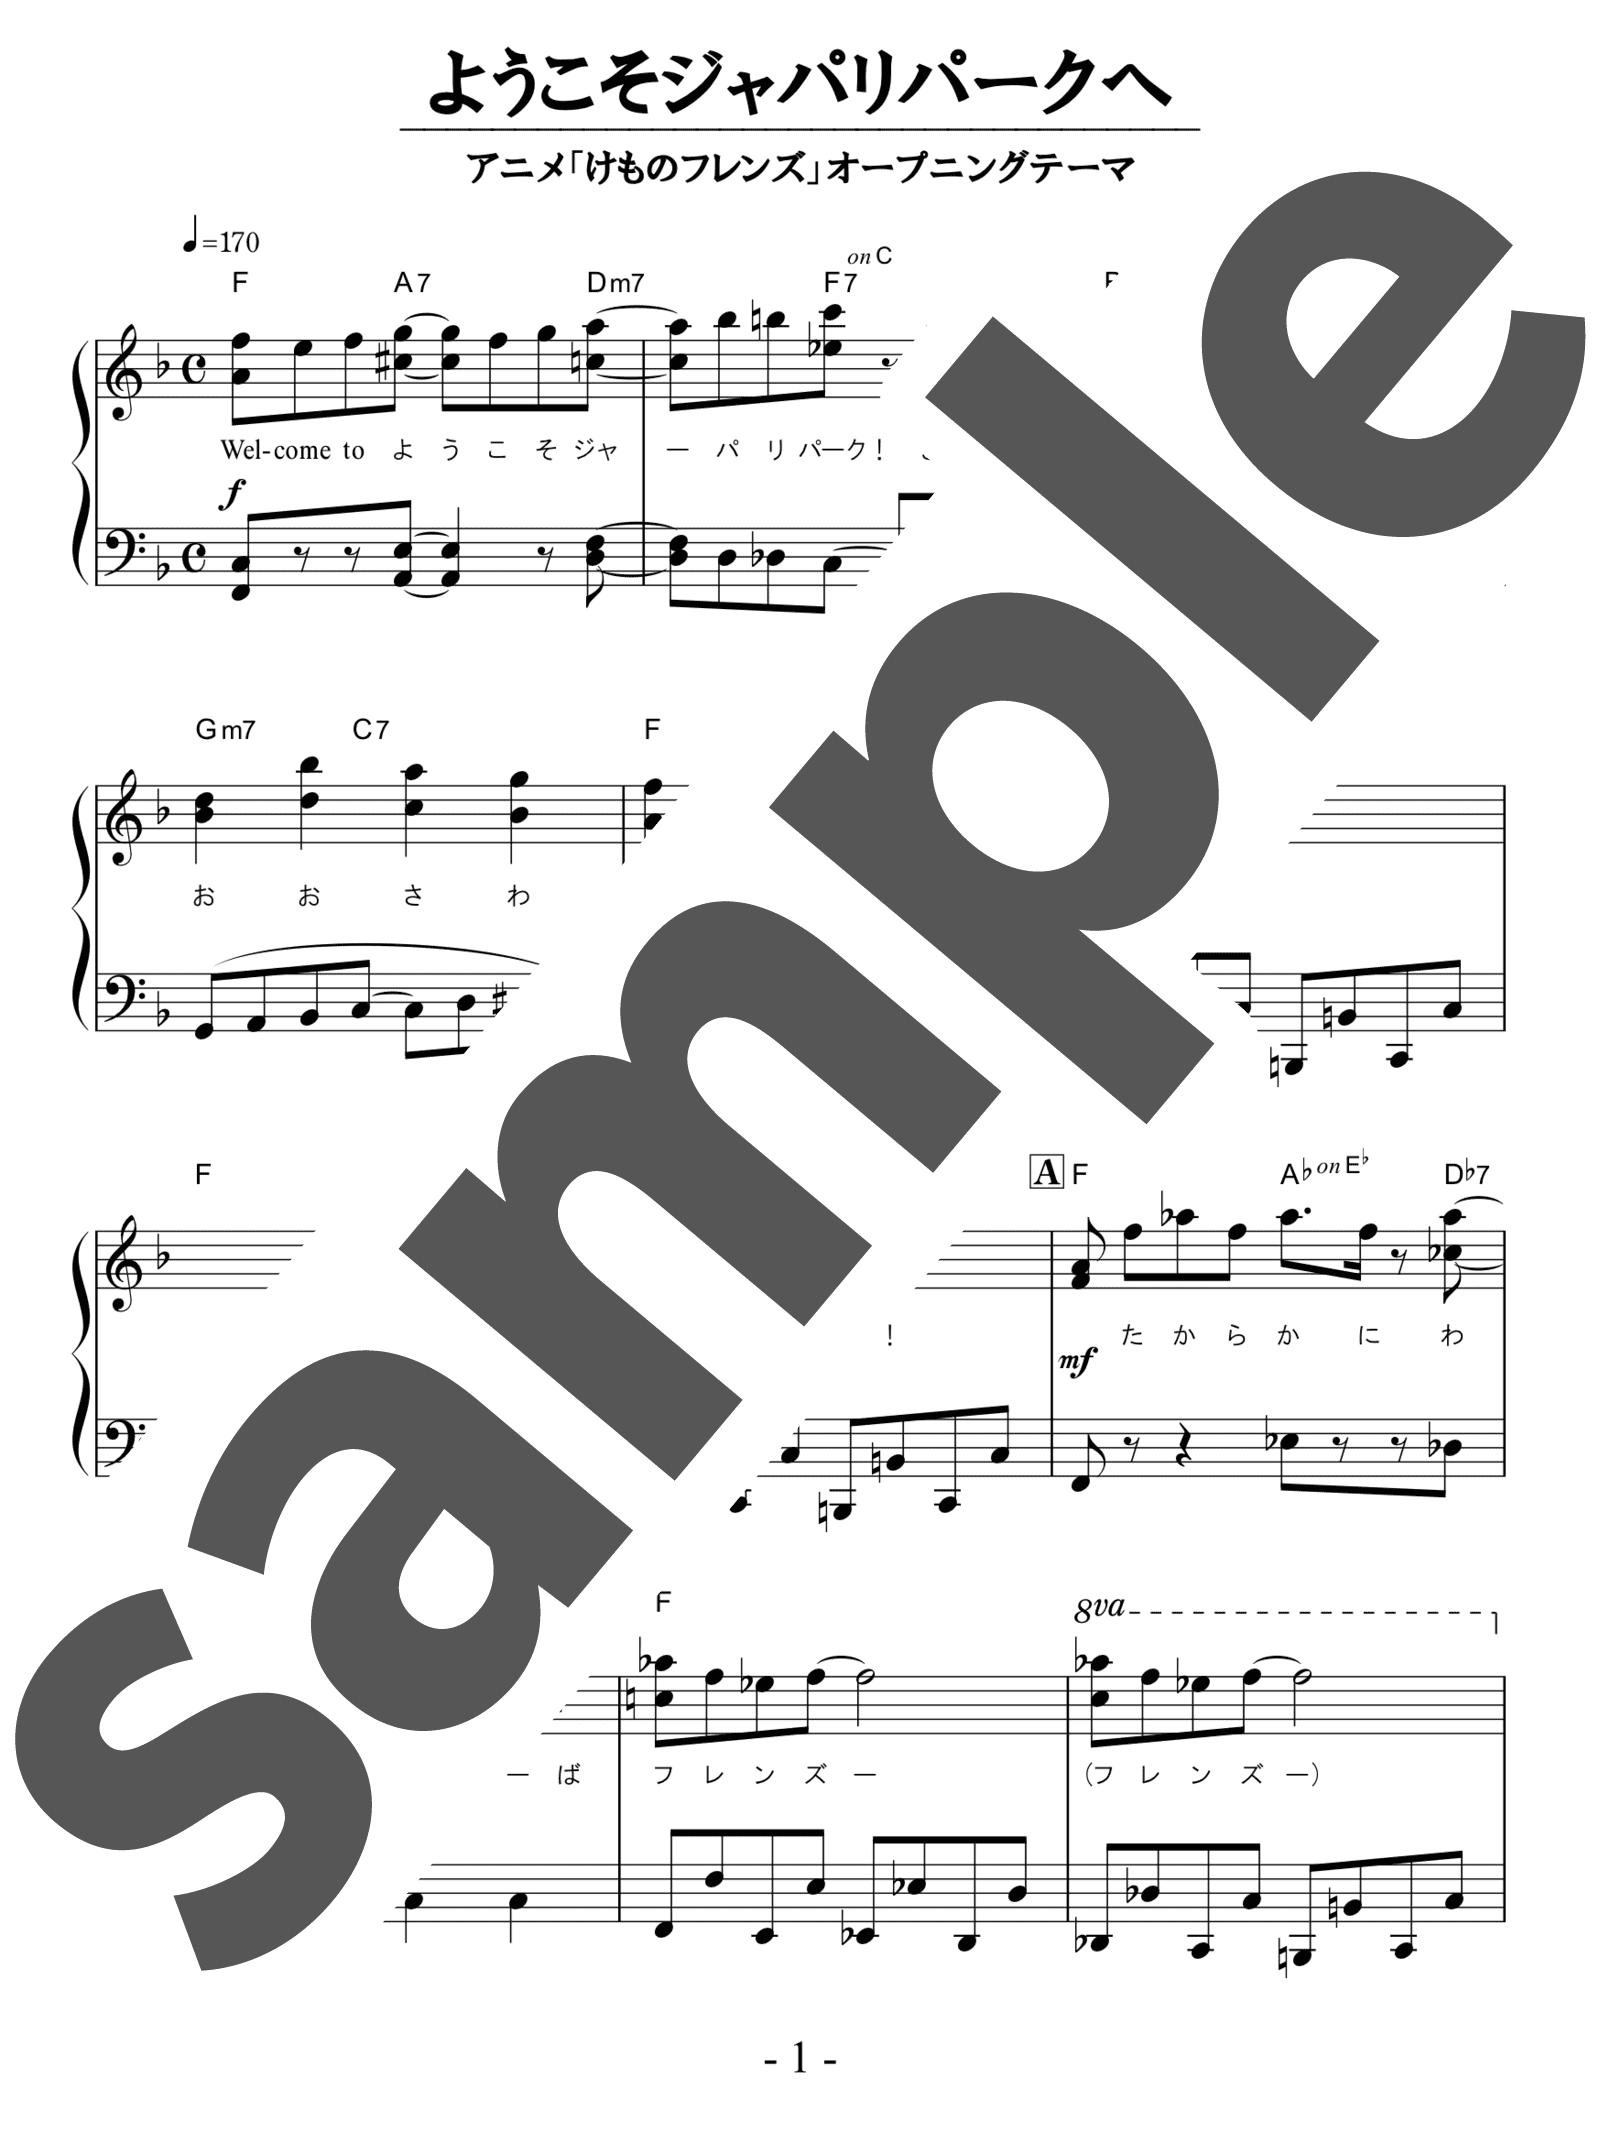 「ようこそジャパリパークへ」のサンプル楽譜